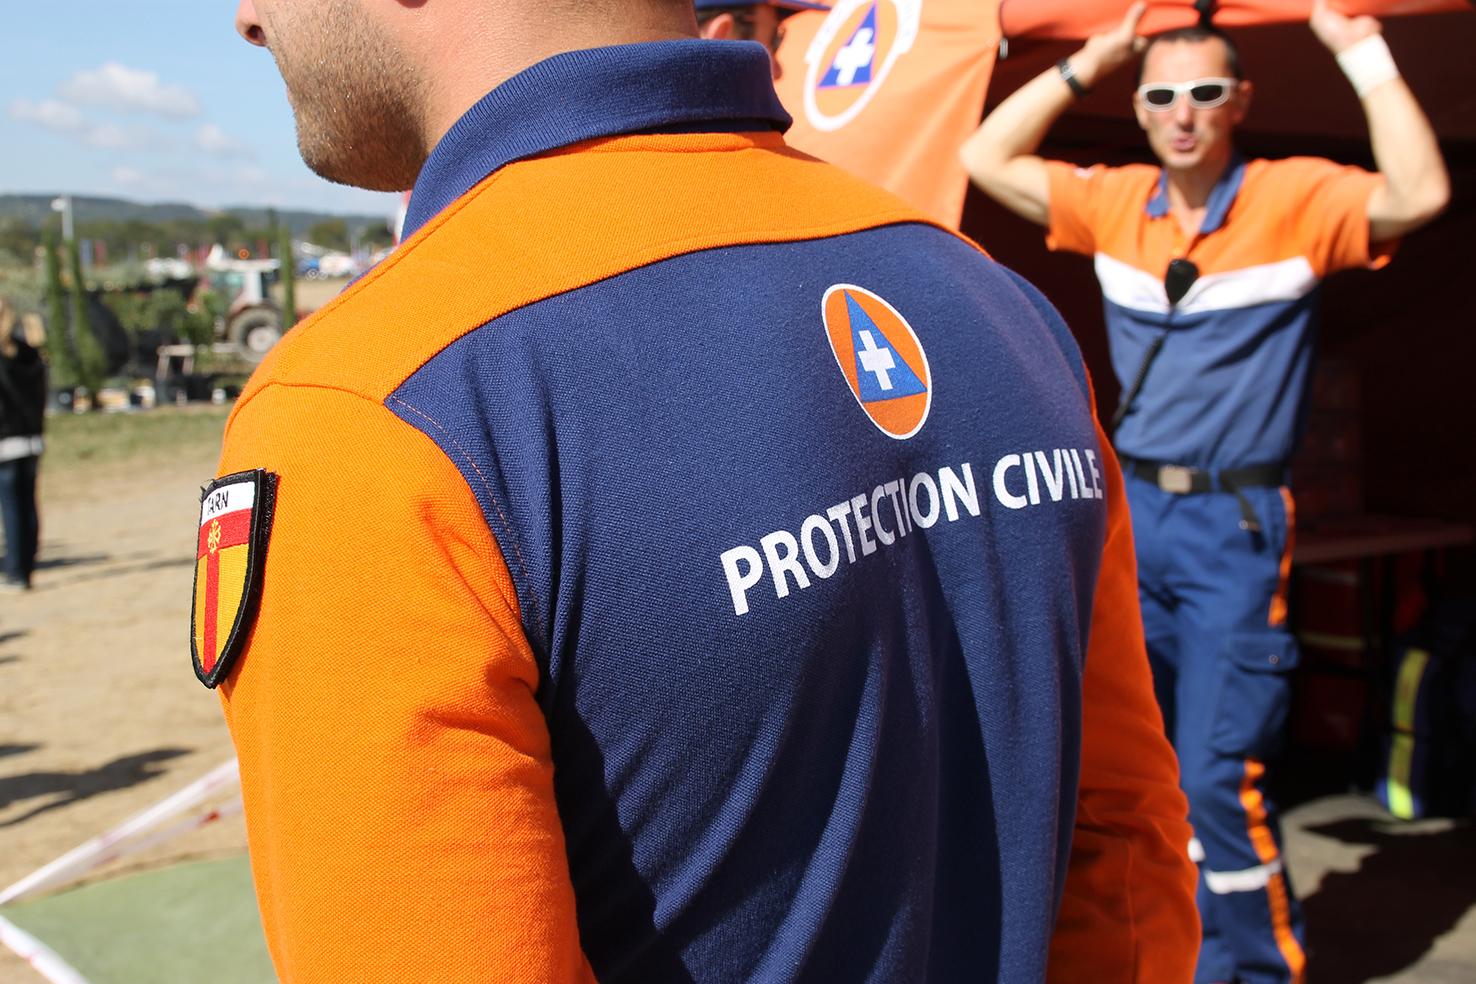 b u00e9n u00e9volat pour la protection civile   pourquoi pas vous